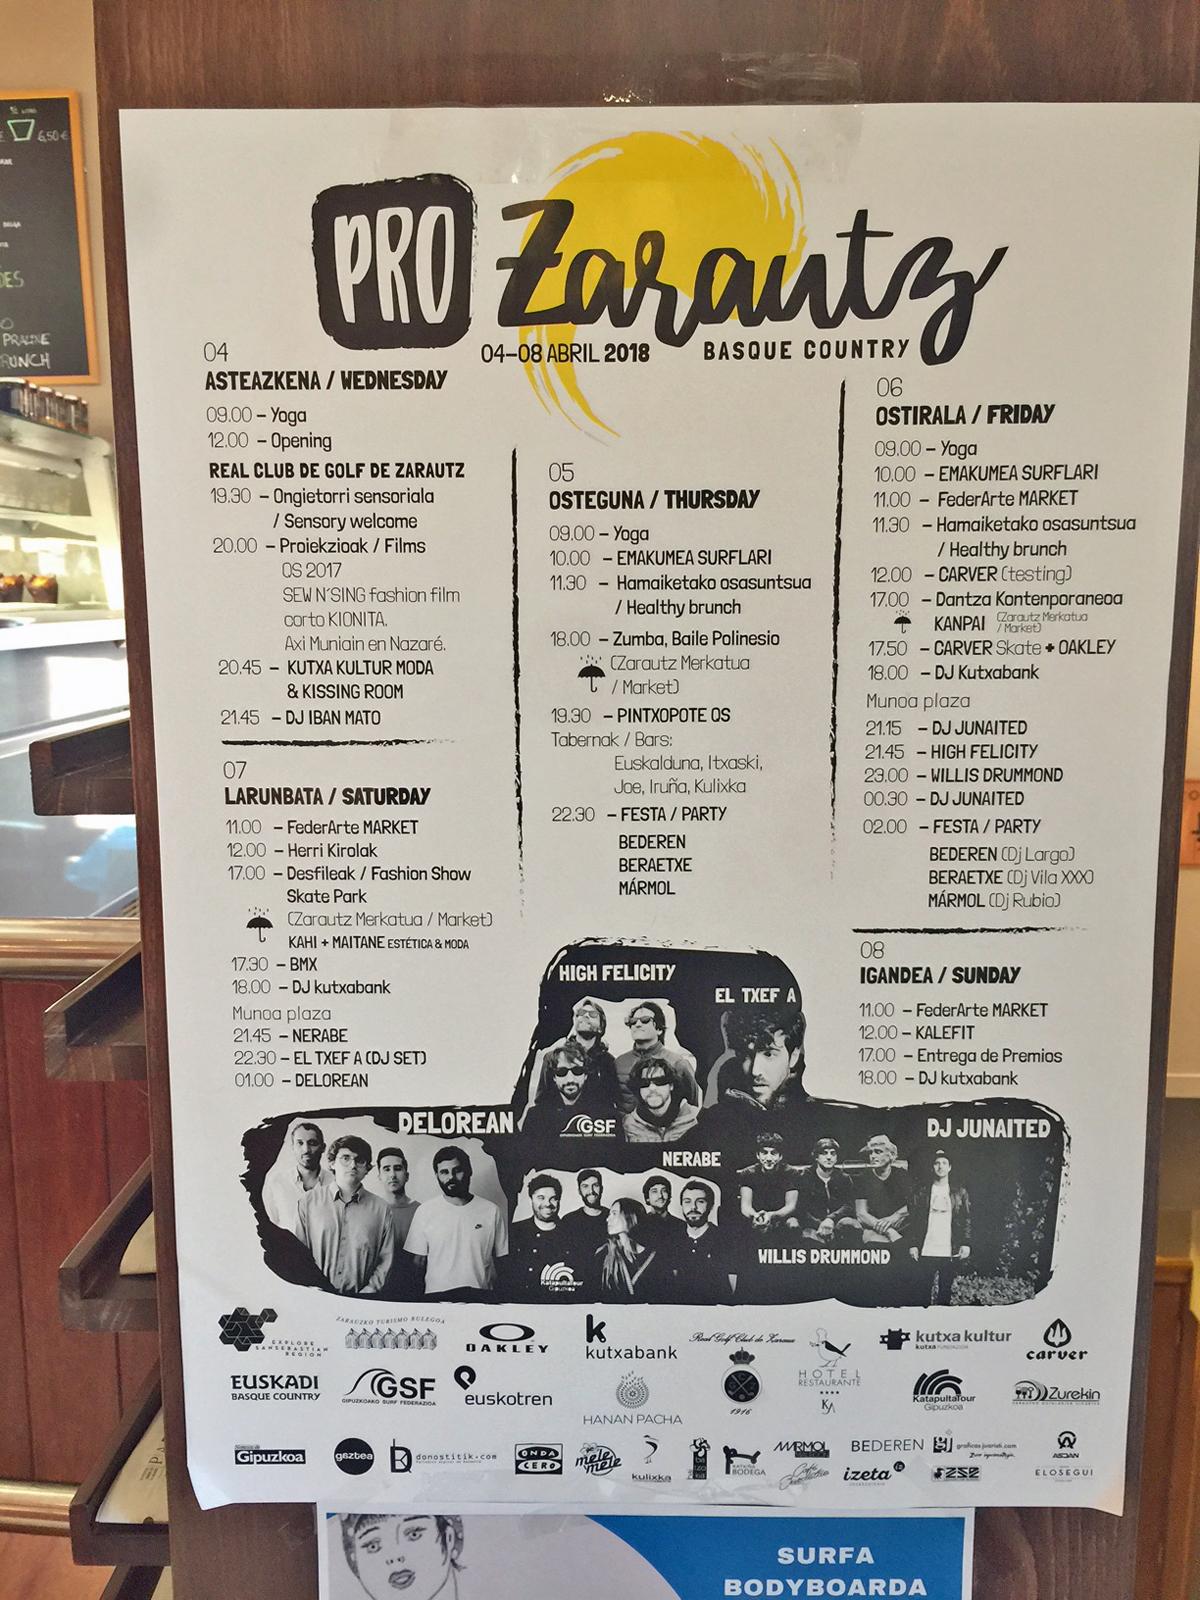 Pro Zarautzはコンテストだけでなく、ライブやヨガ、ファッションショーなど他のイベントも盛りだくさん。シーズンの始まりを祝う、ひとつのお祭りなのです